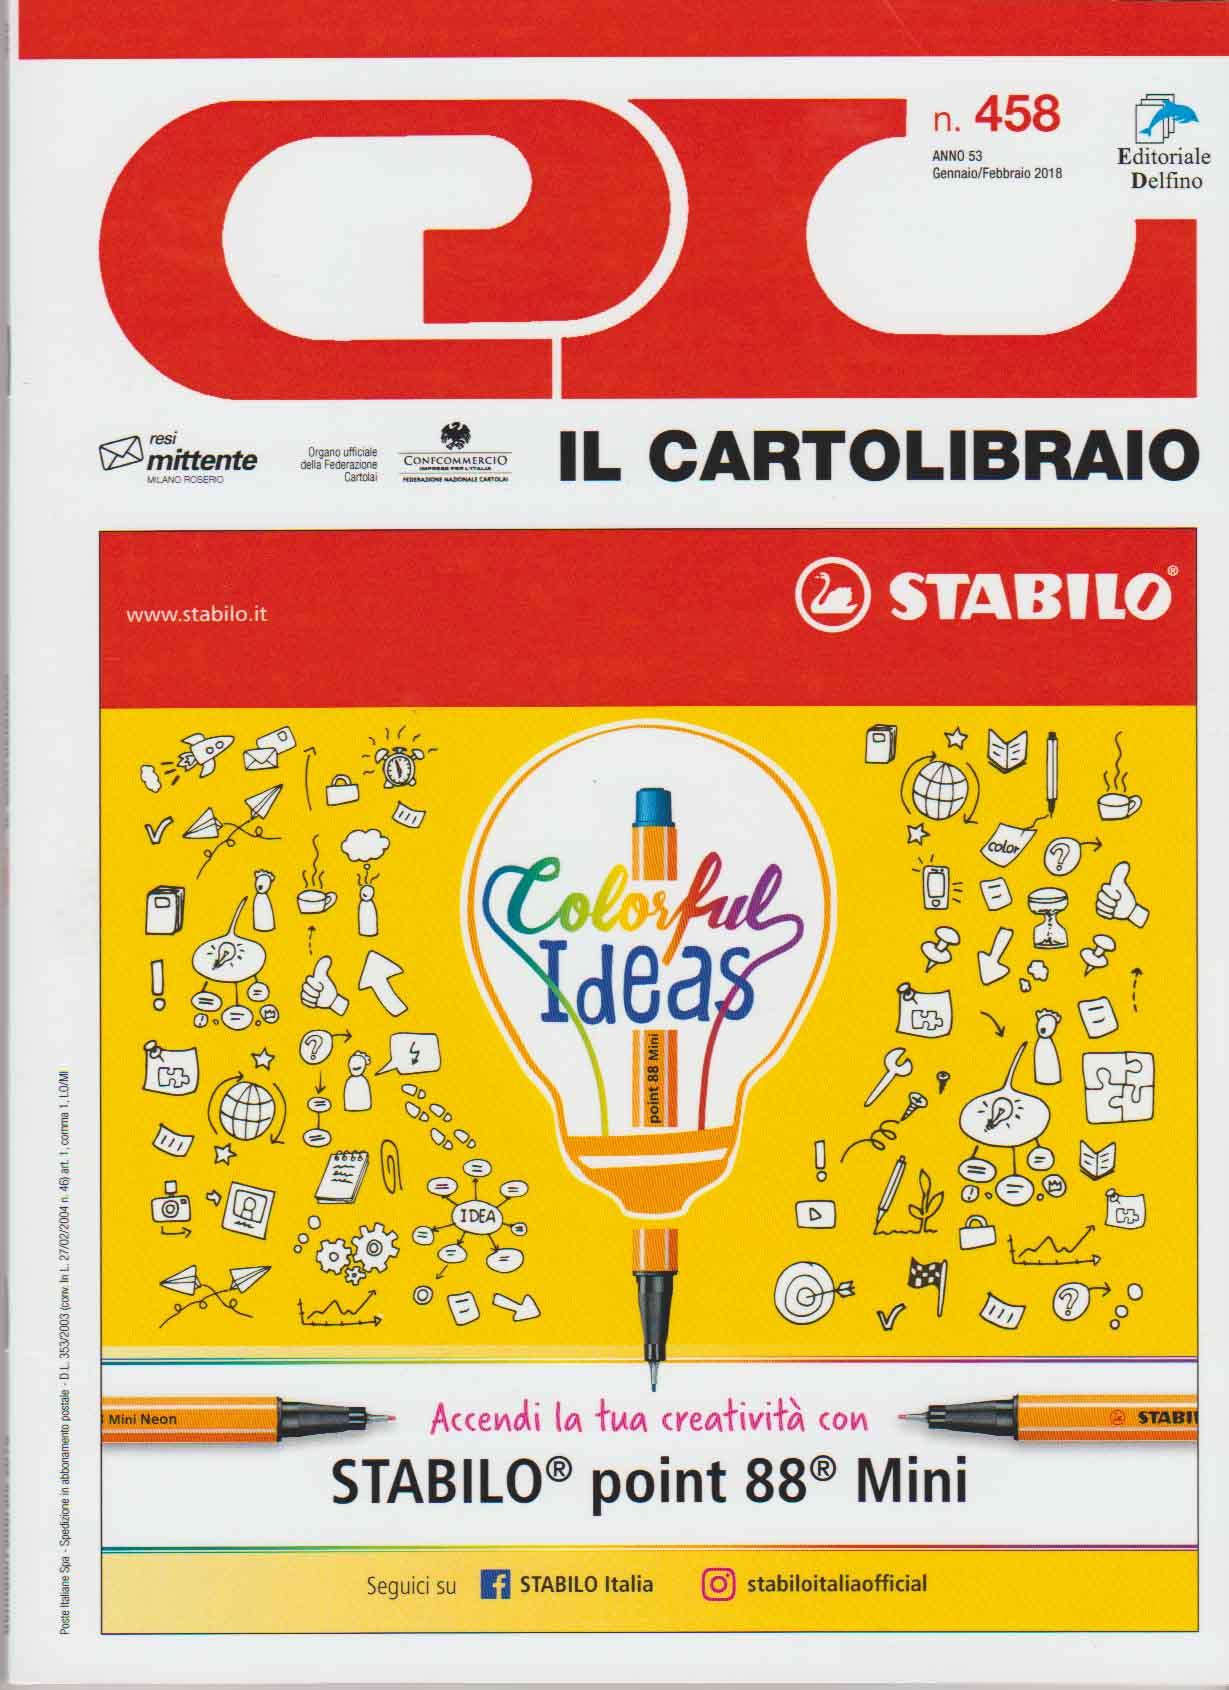 IL CARTOLIBRAIO n 458 - Cover